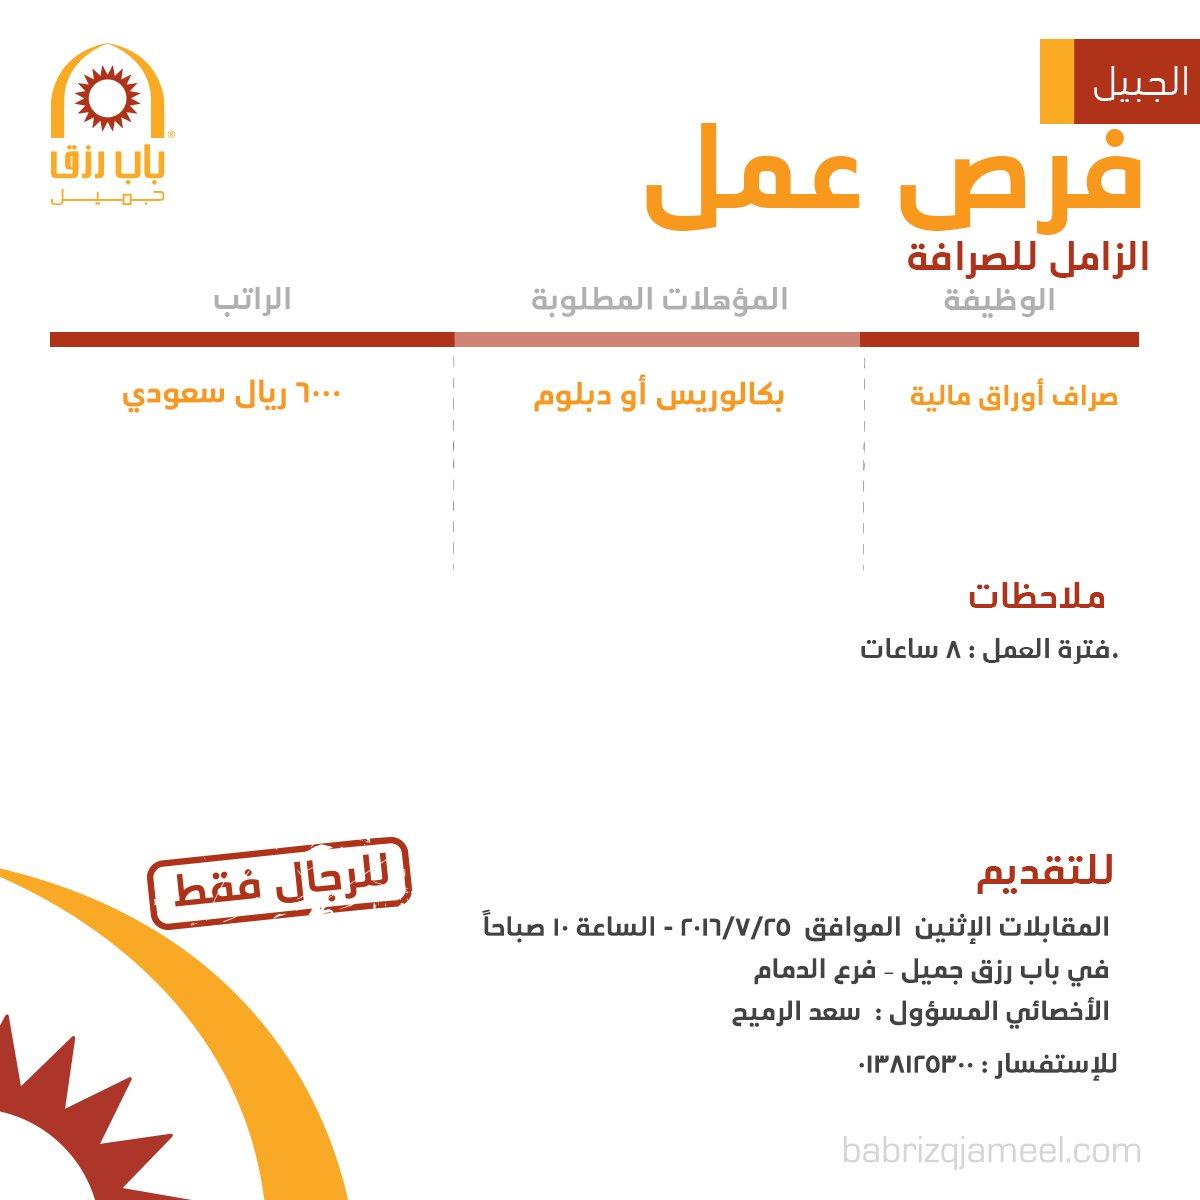 غدا الإثنين التقديم على وظيفة صراف أوراق مالية في شركة الزامل للصرافة - الجبيل